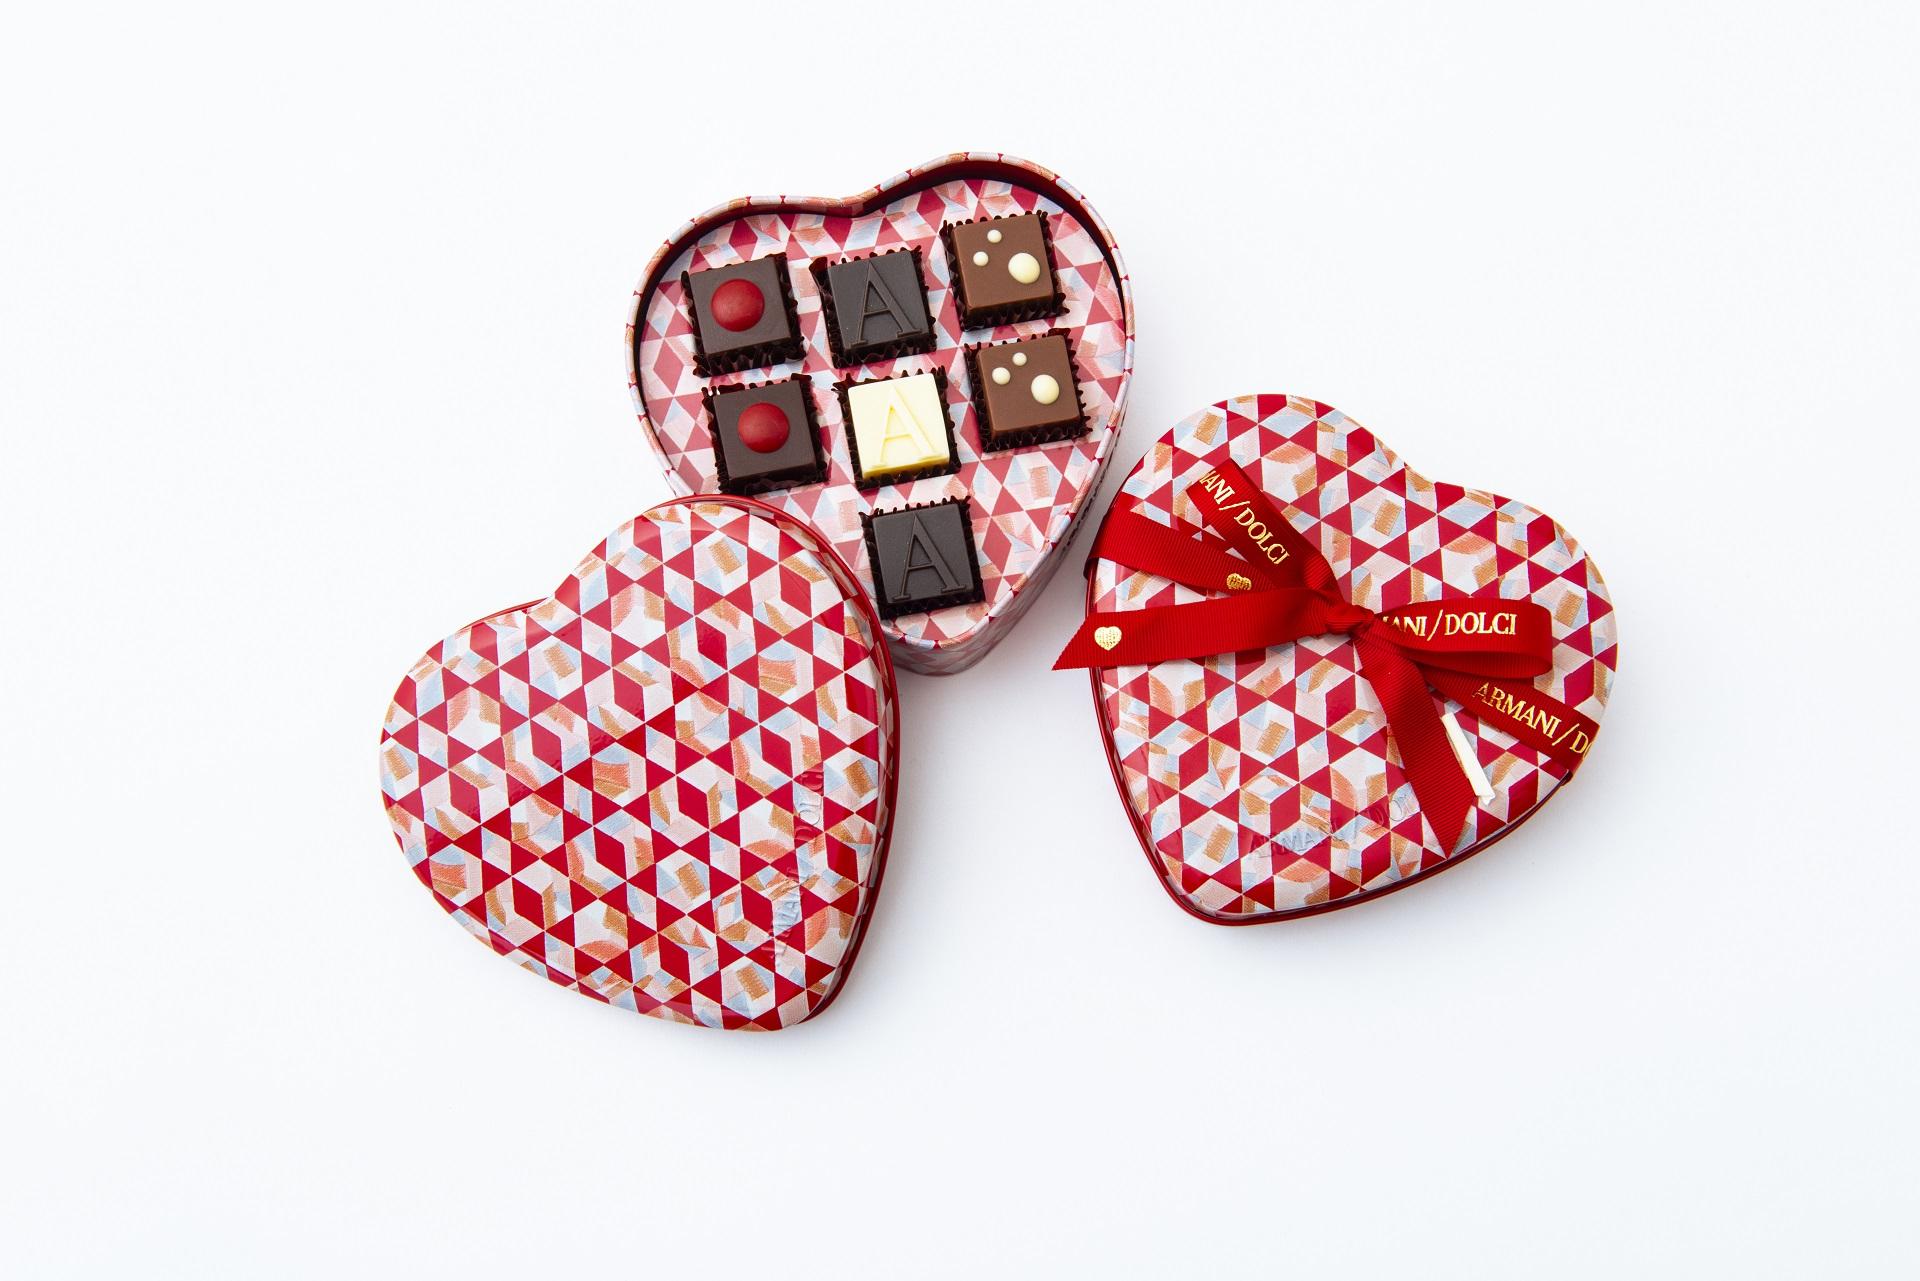 ARMANI / DOLCI(アルマーニ / ドルチ)2021年バレンタイン限定コレクション